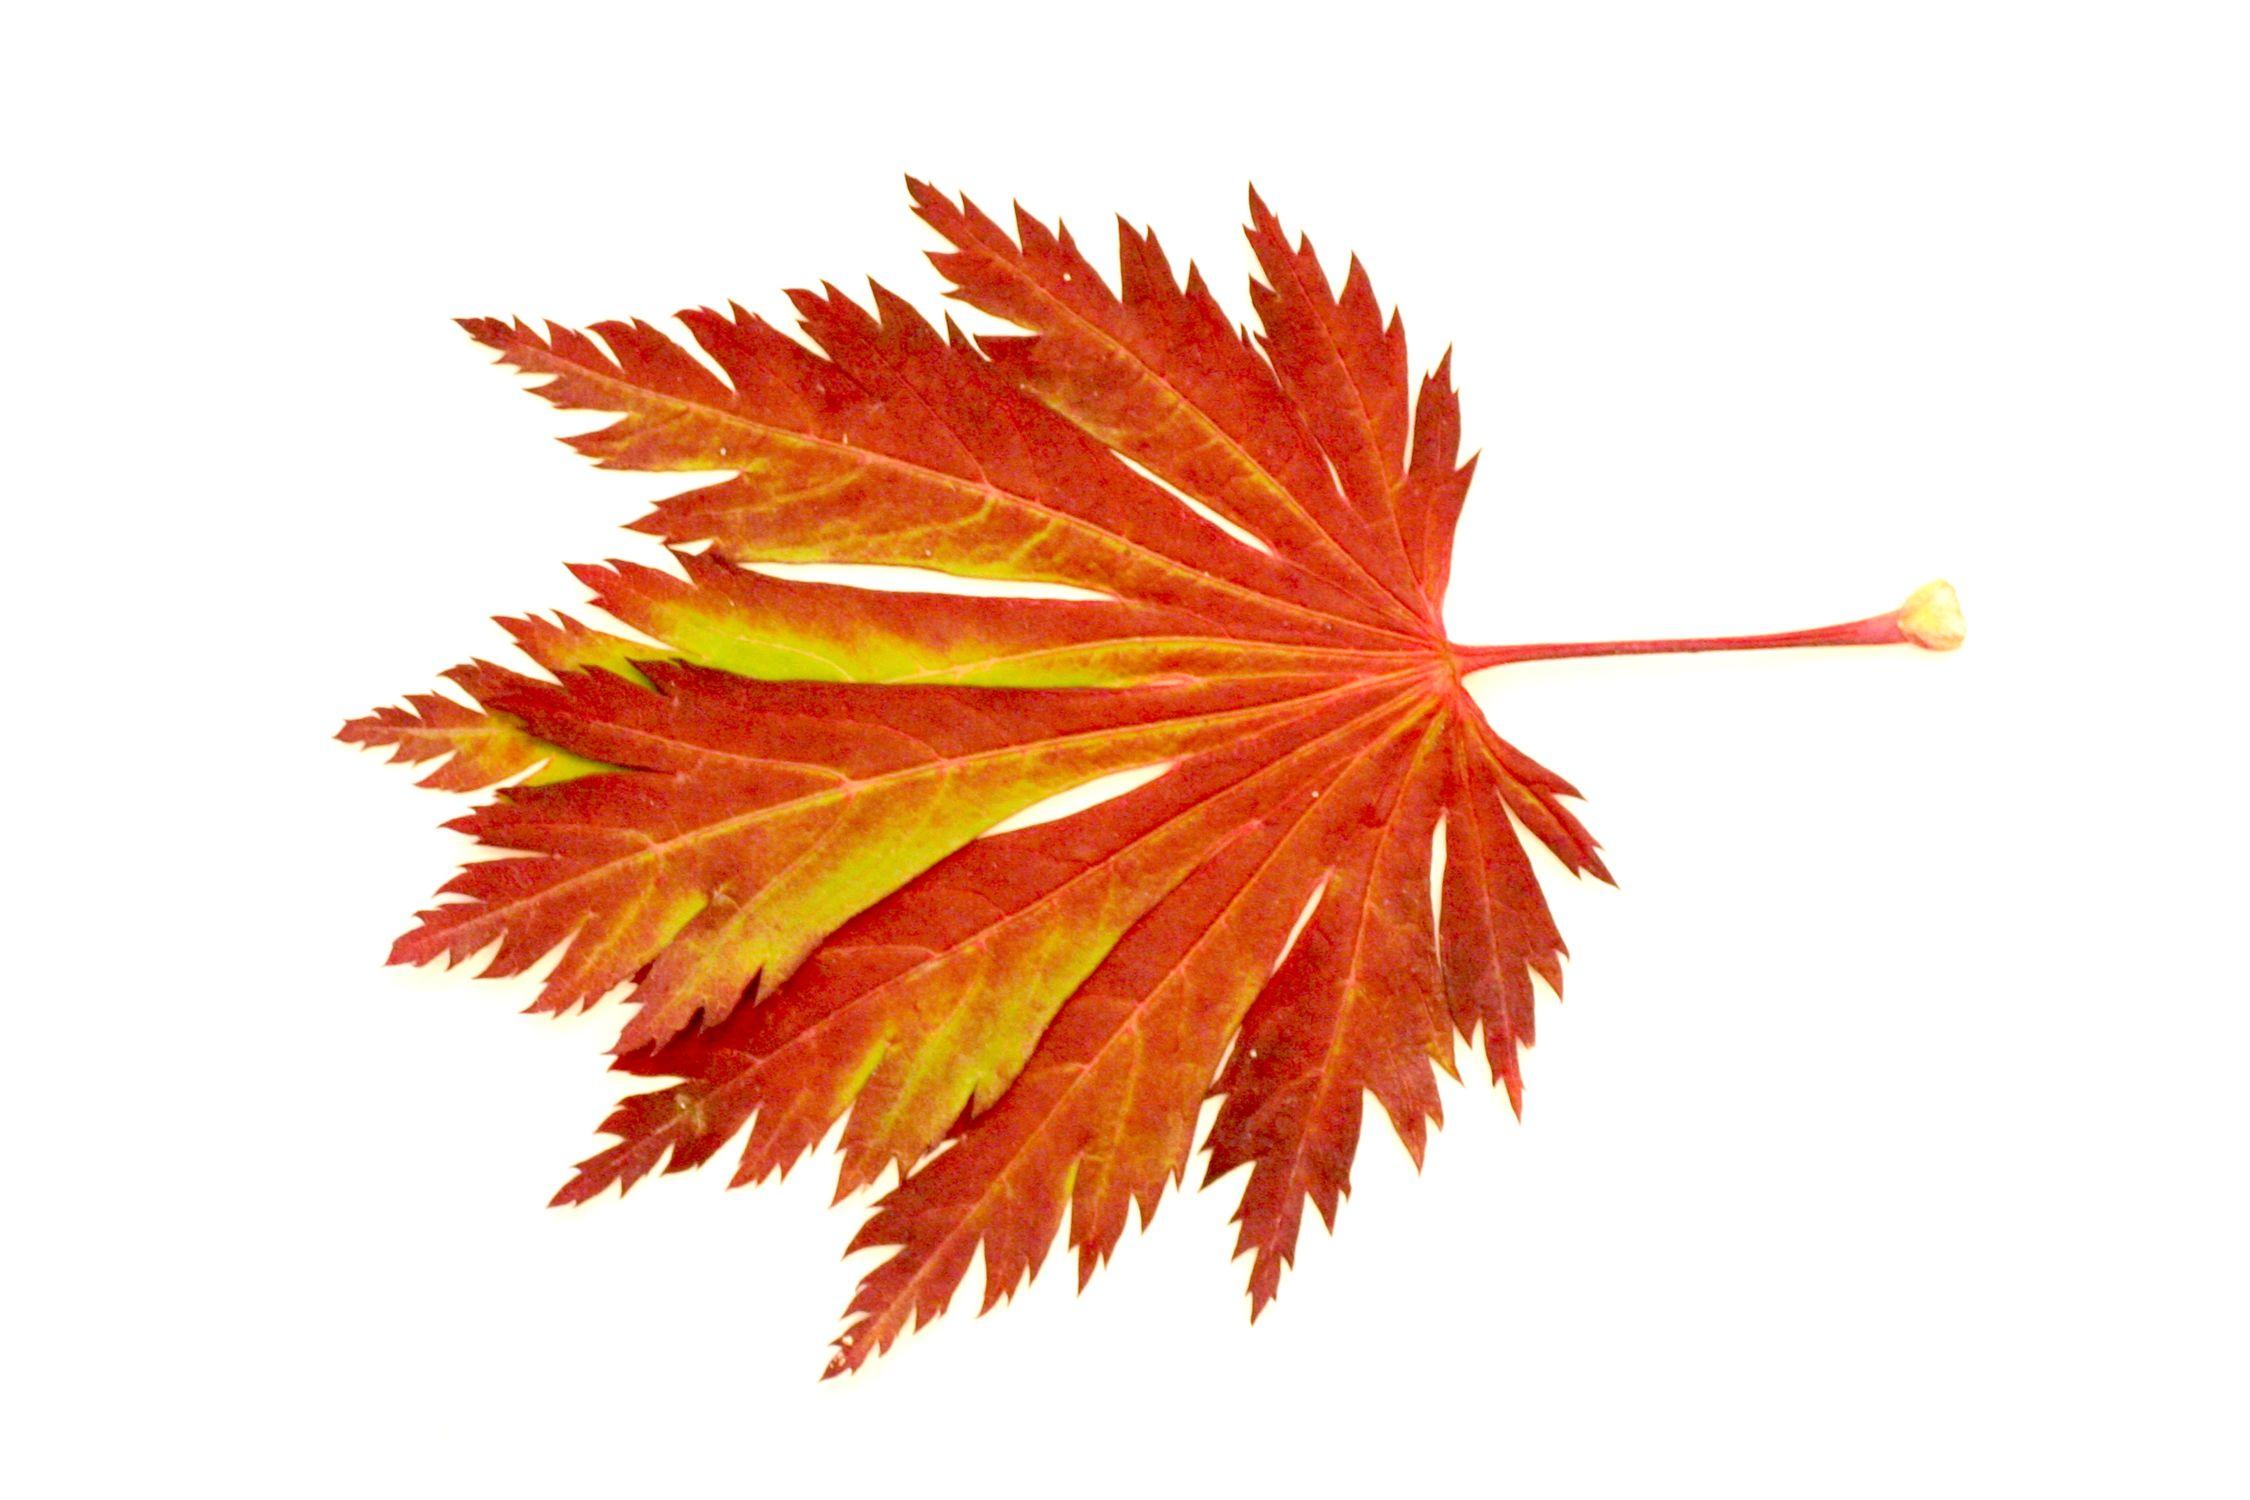 Bild mit Natur, Pflanzen, Bäume, Schmuck, Bernsteine, Struktur, Blätter, Blatt, Blattstruktur, Blätterstruktur